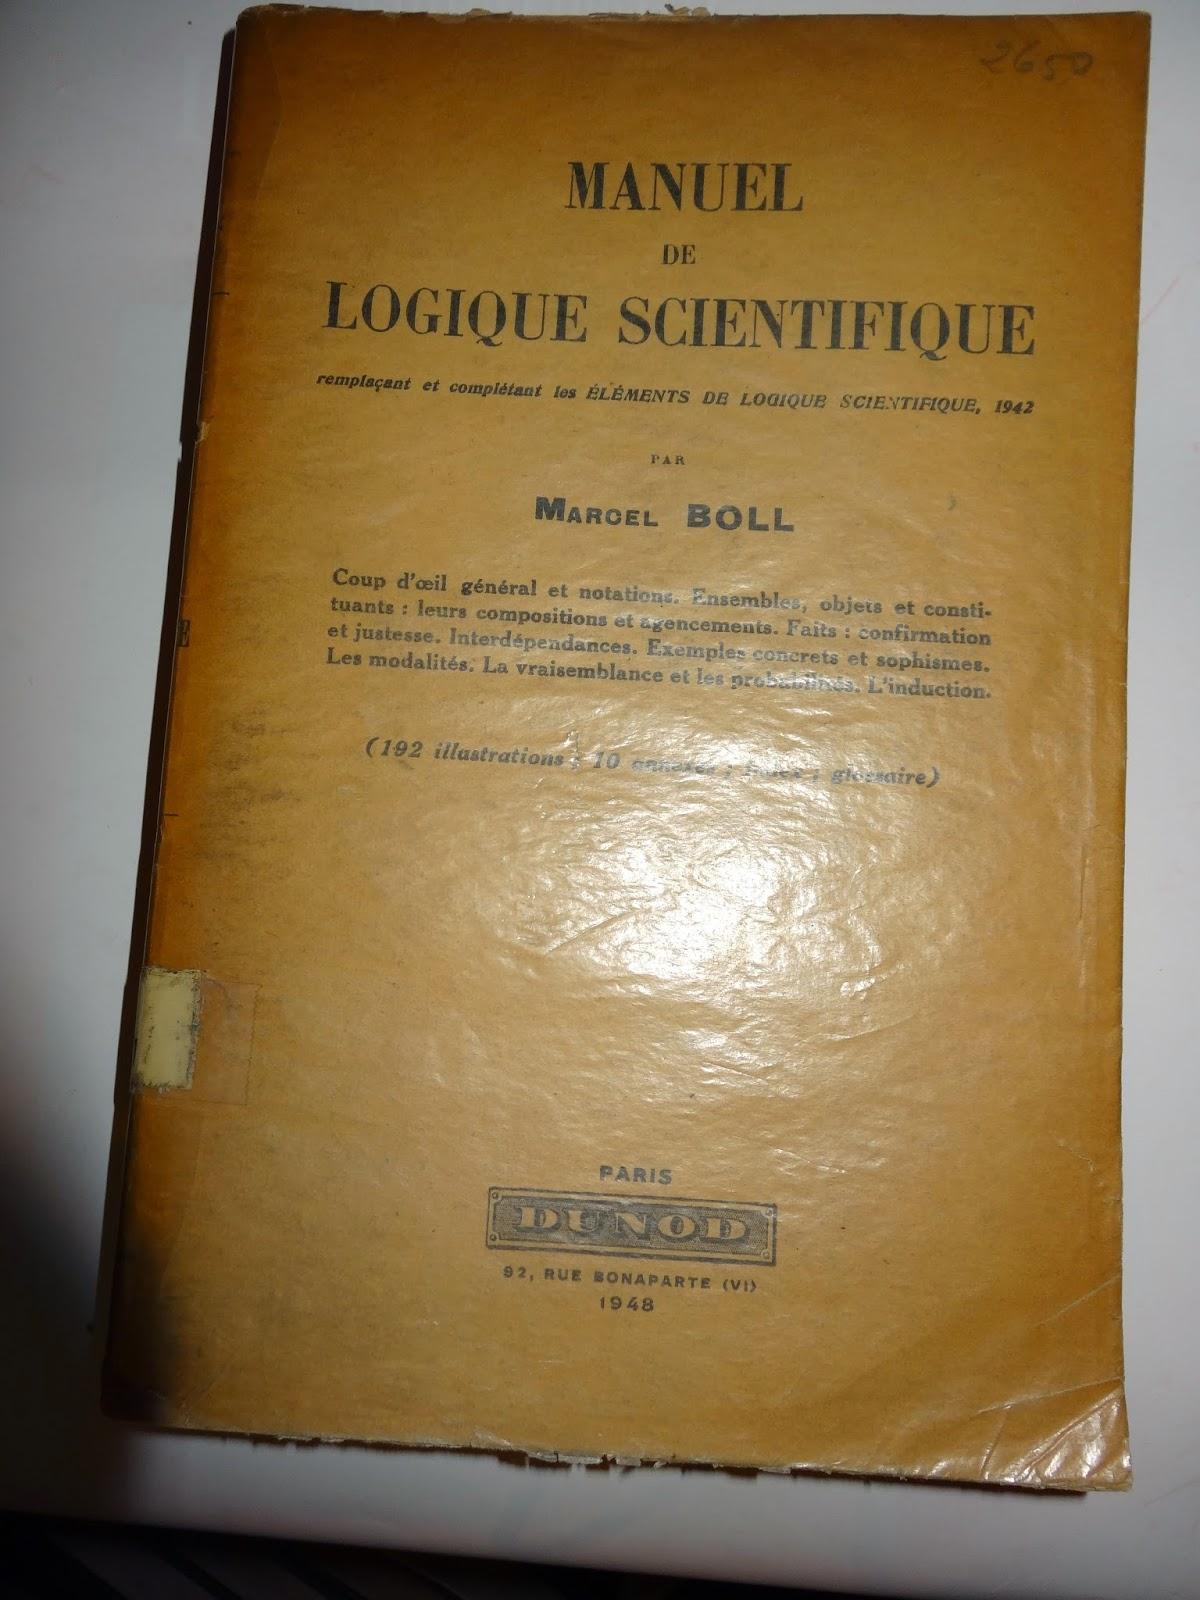 Boll, Marcel. Manuel de logique scientifique. Remplaçant et complétant les Eléments de logique scientifique 1942. Dunod, Paris 1948.